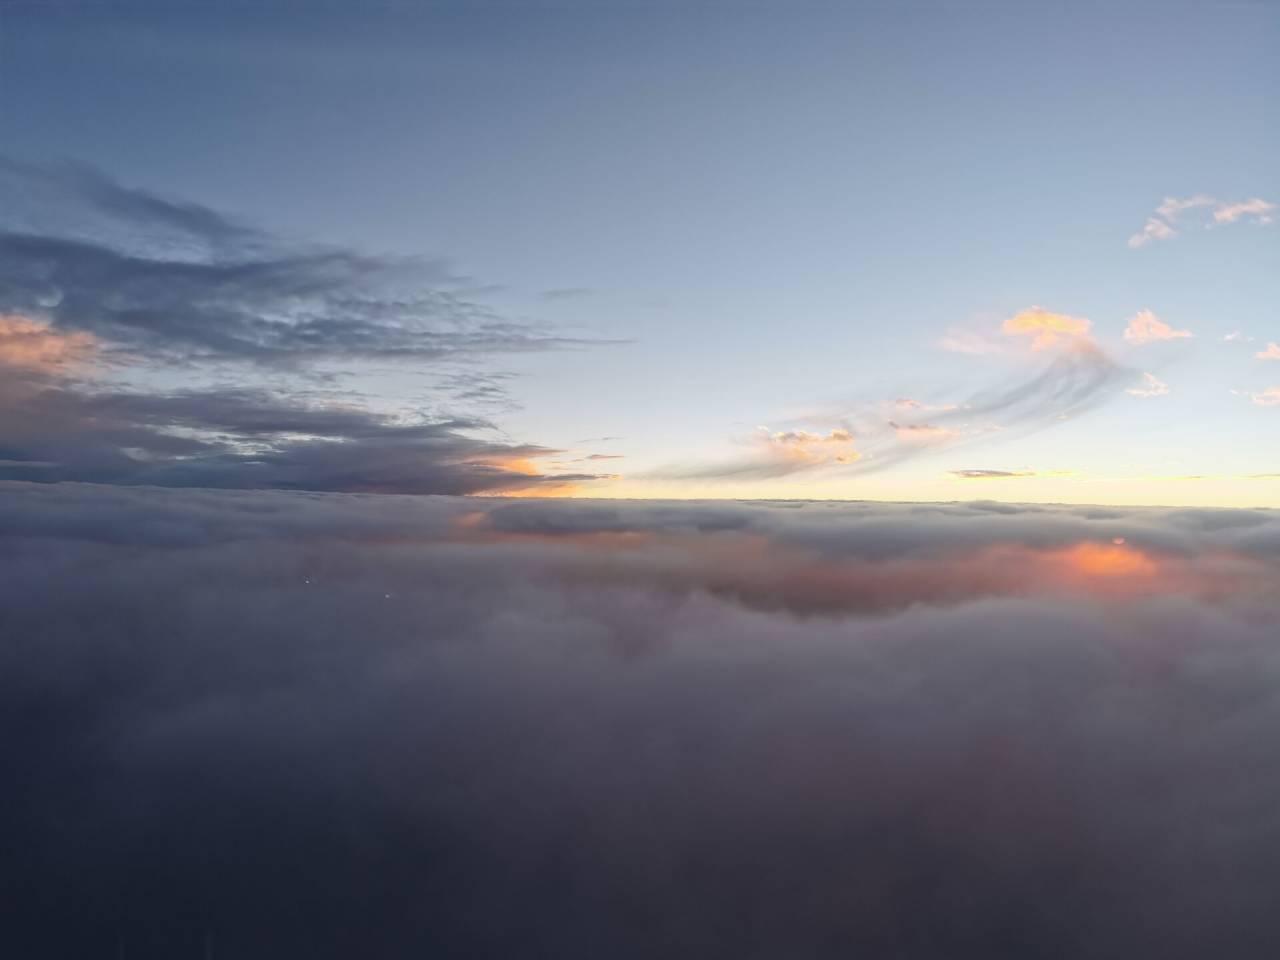 空中看落日3.jpg